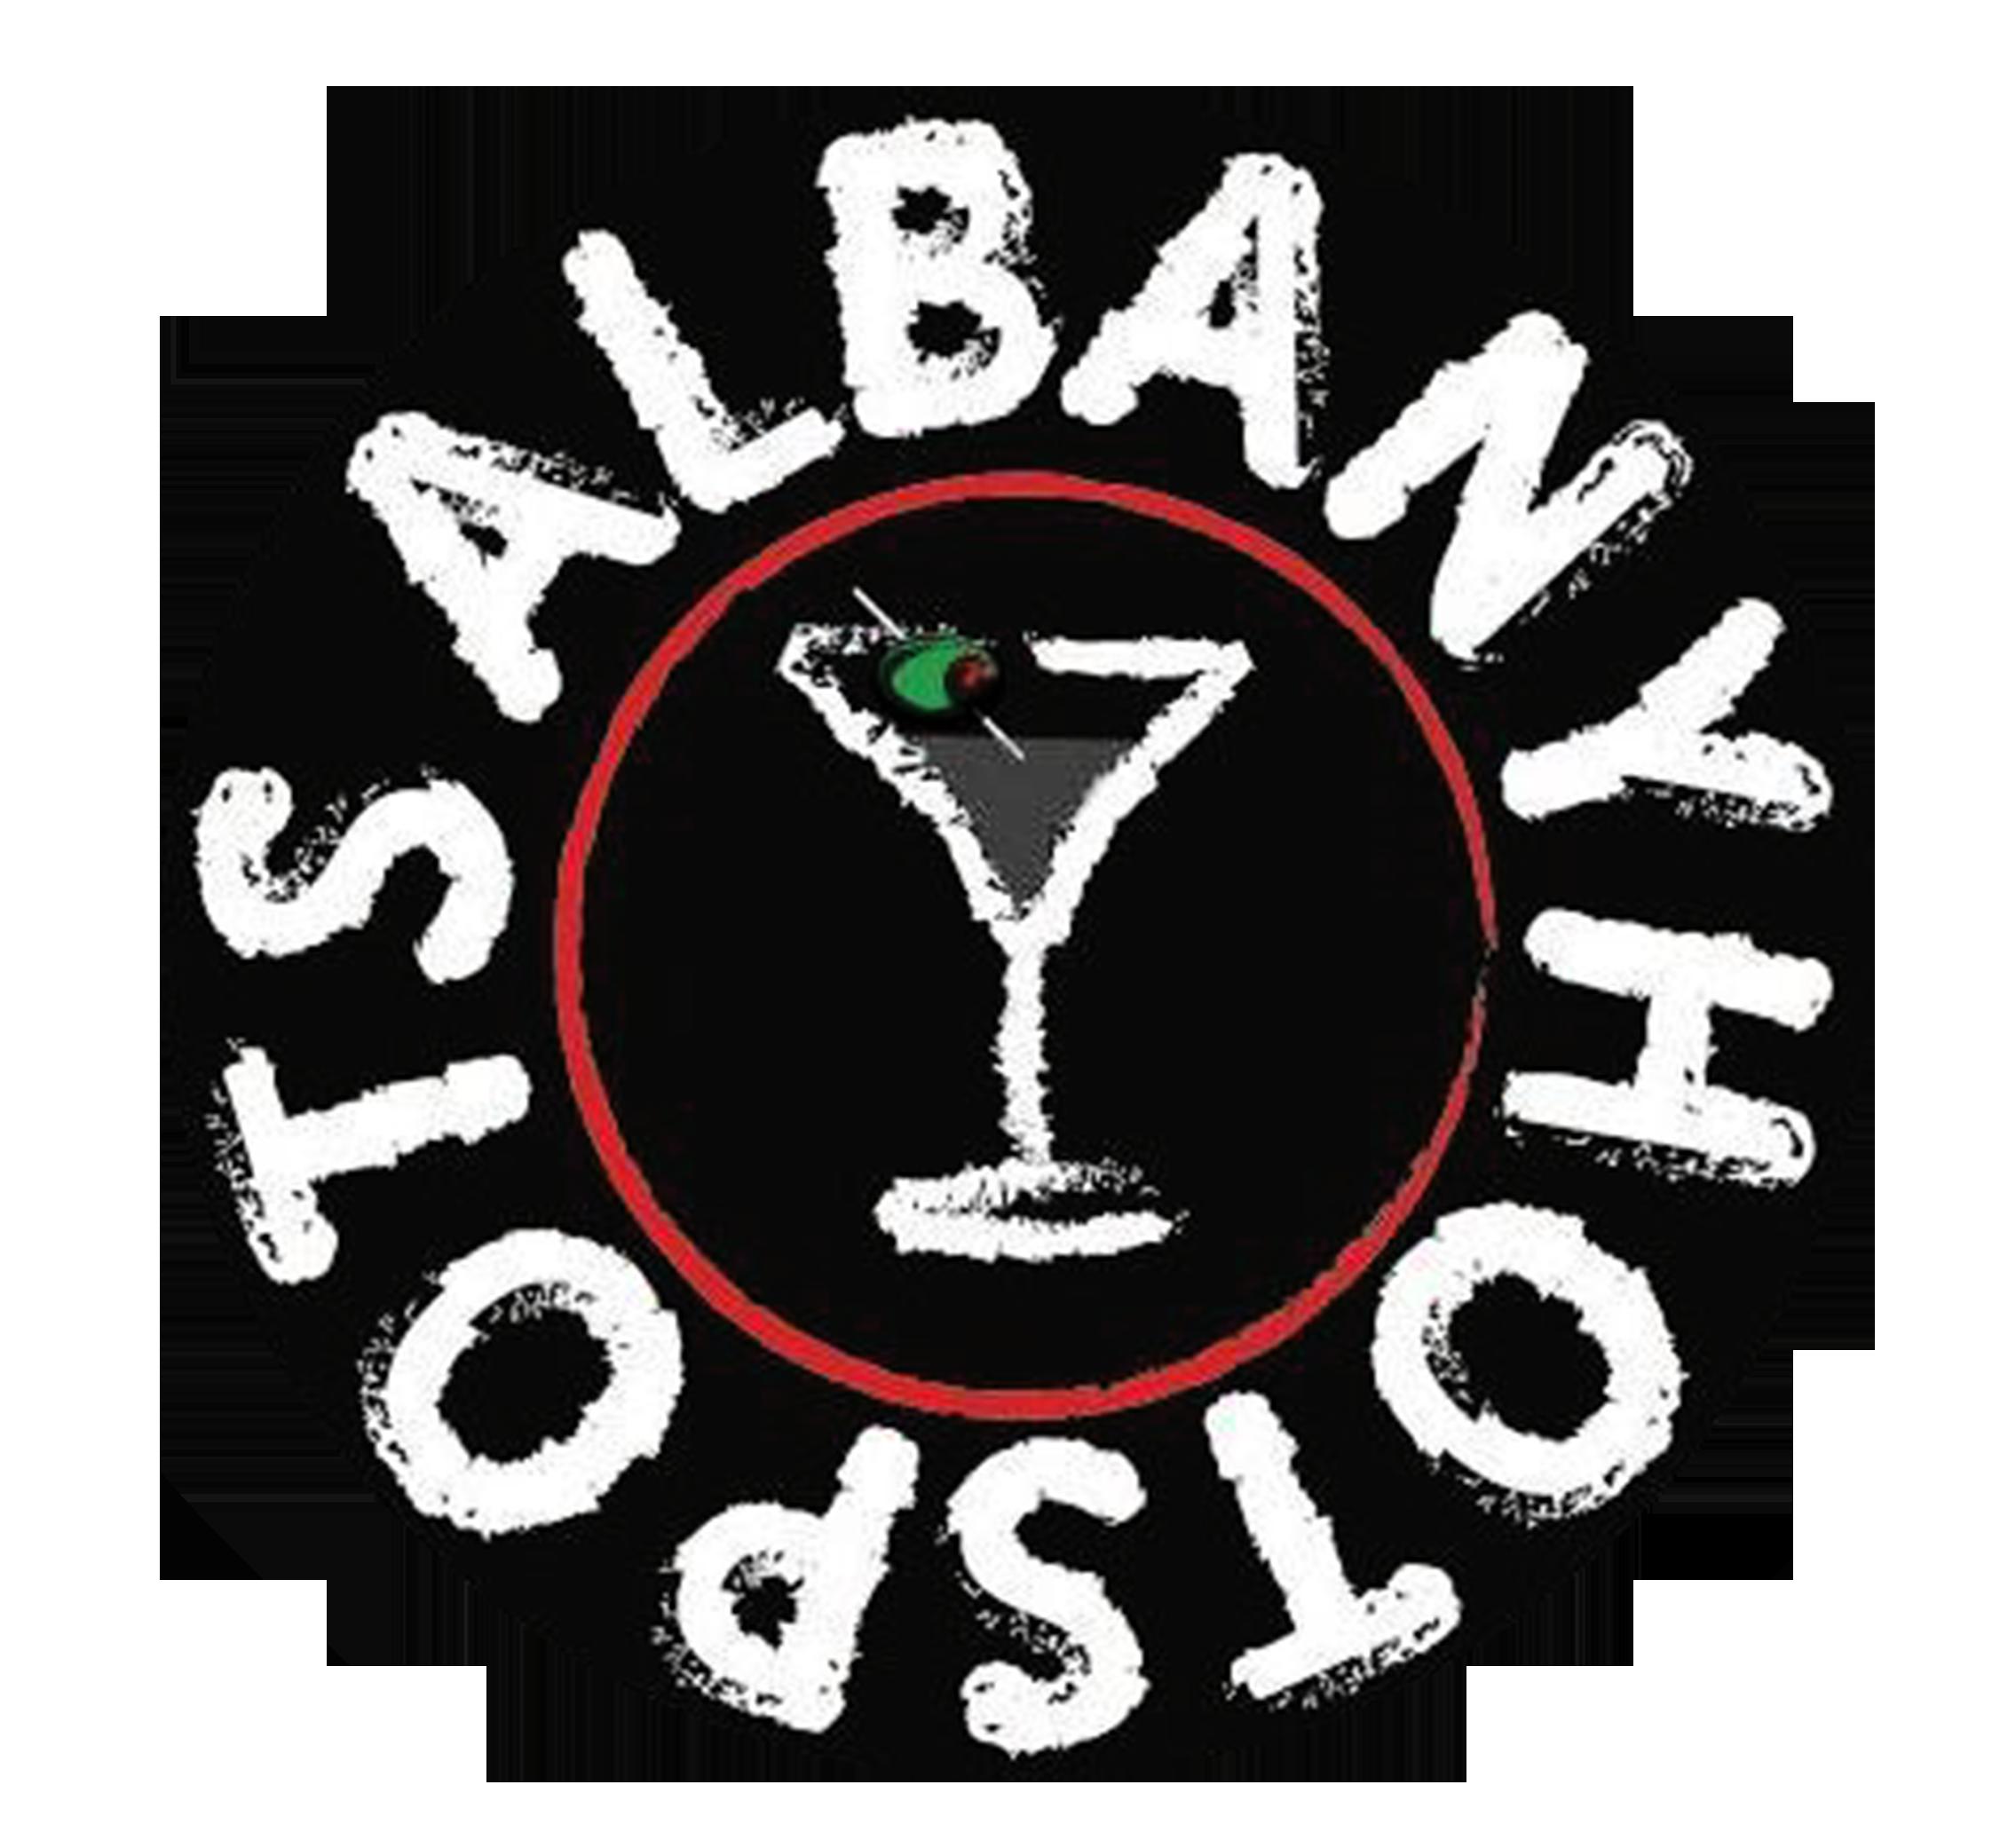 Albany Hot Spots